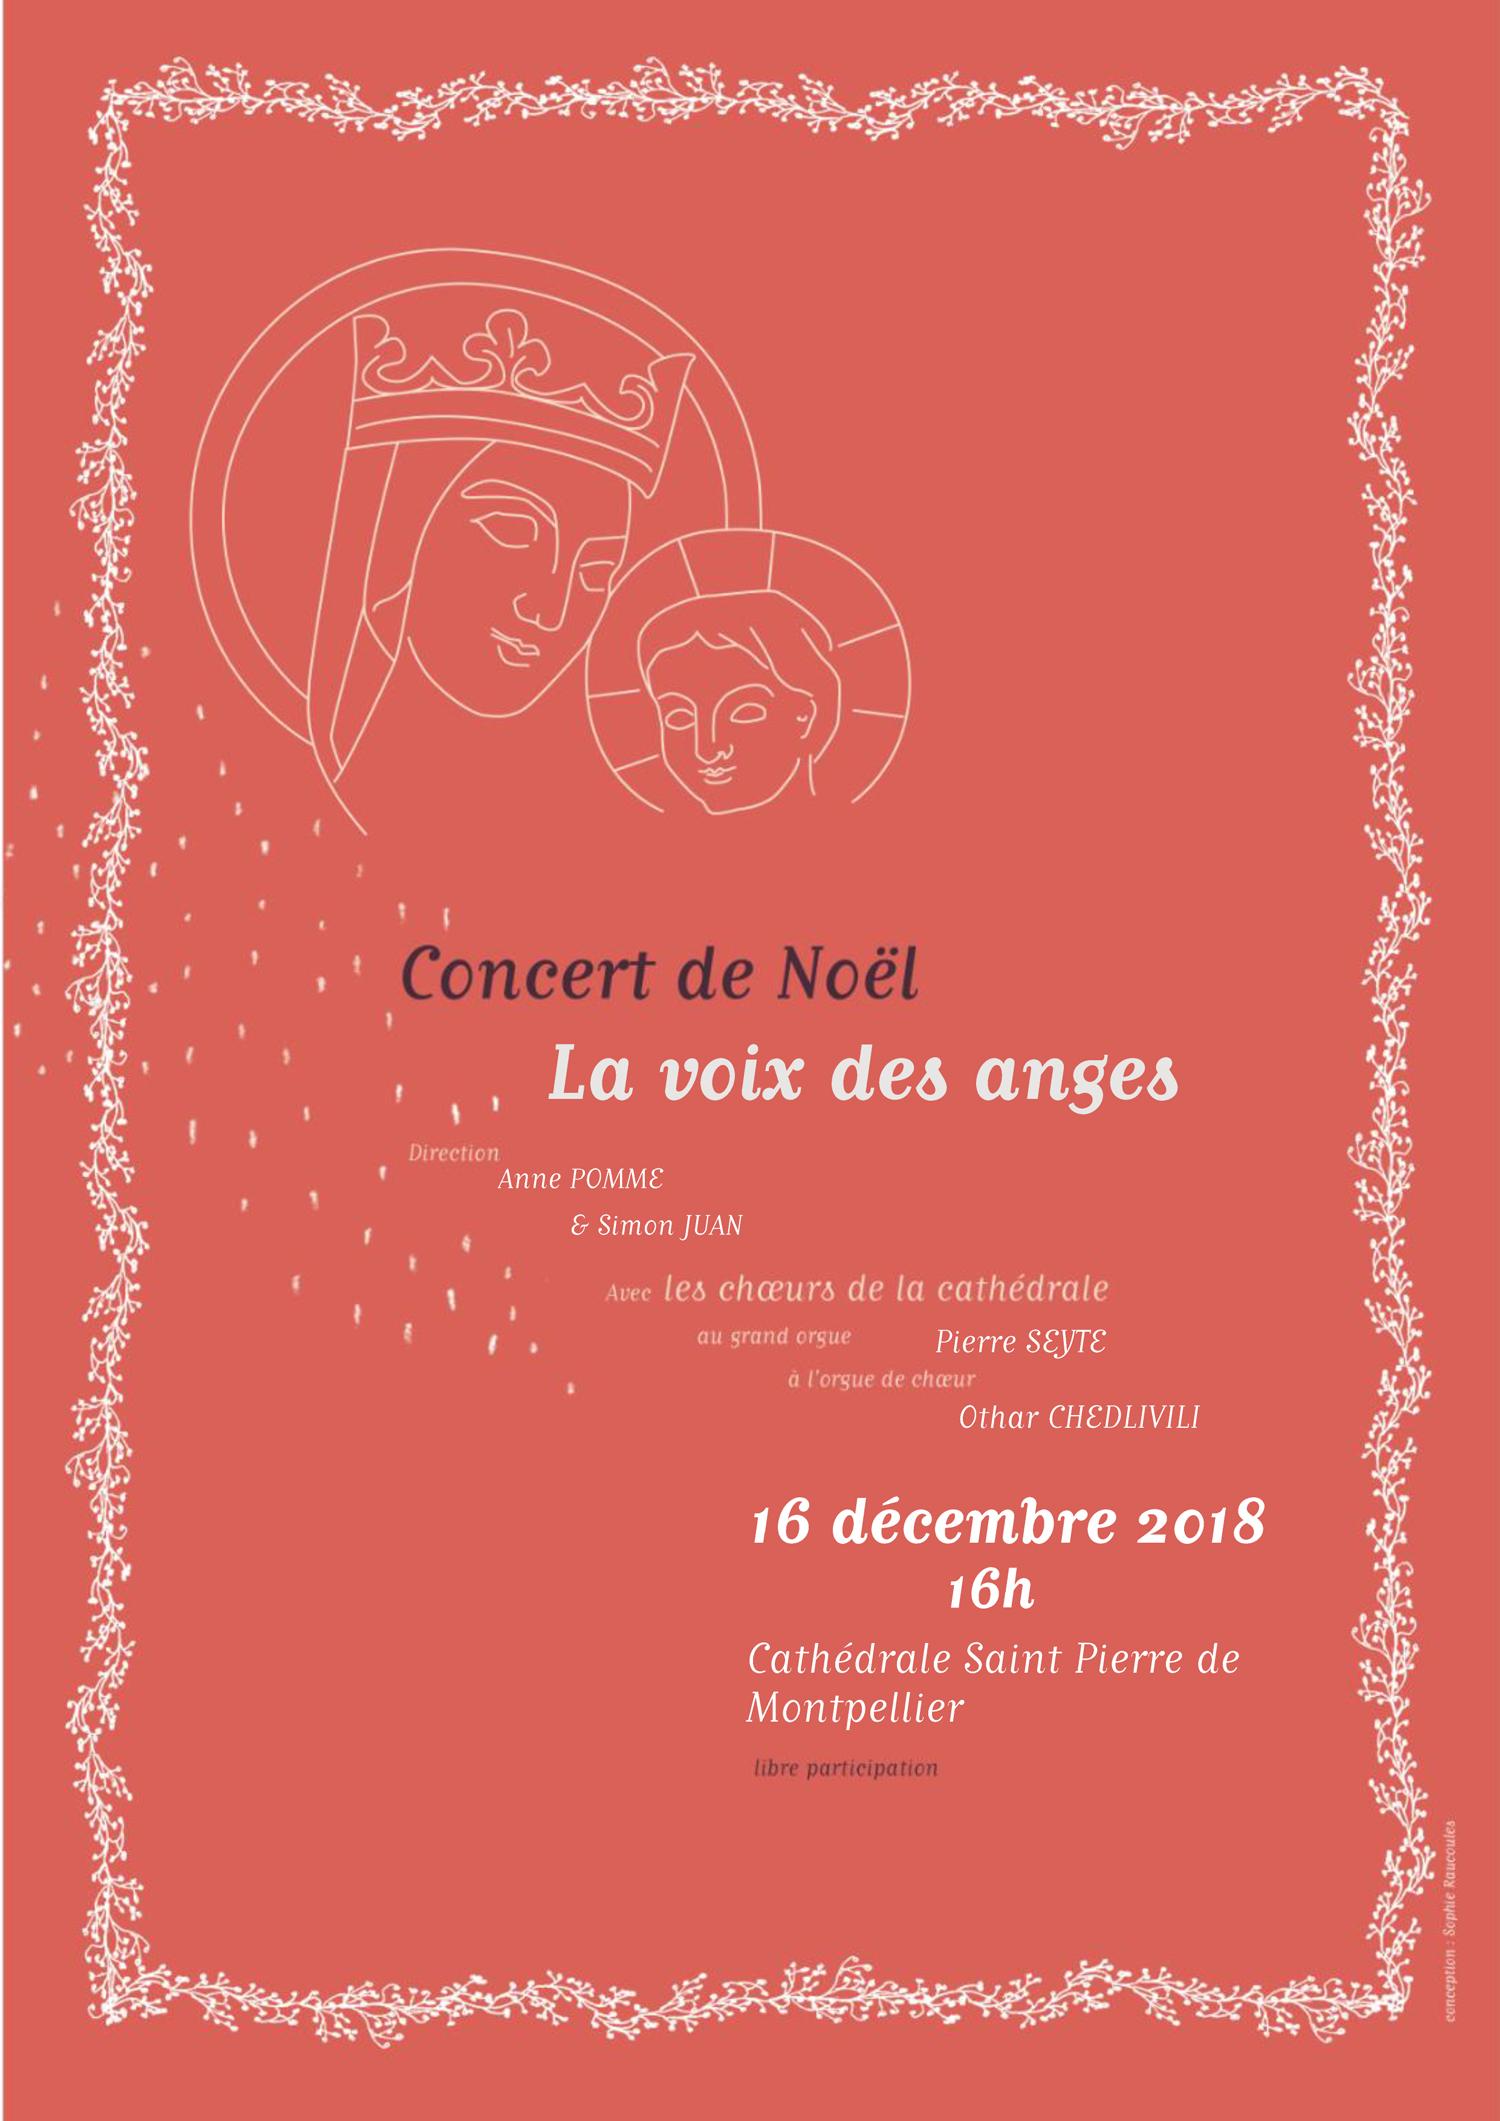 Concert de Noël à la cathédrale St Pierre de Montpellier (34) le 16 décembre 2018